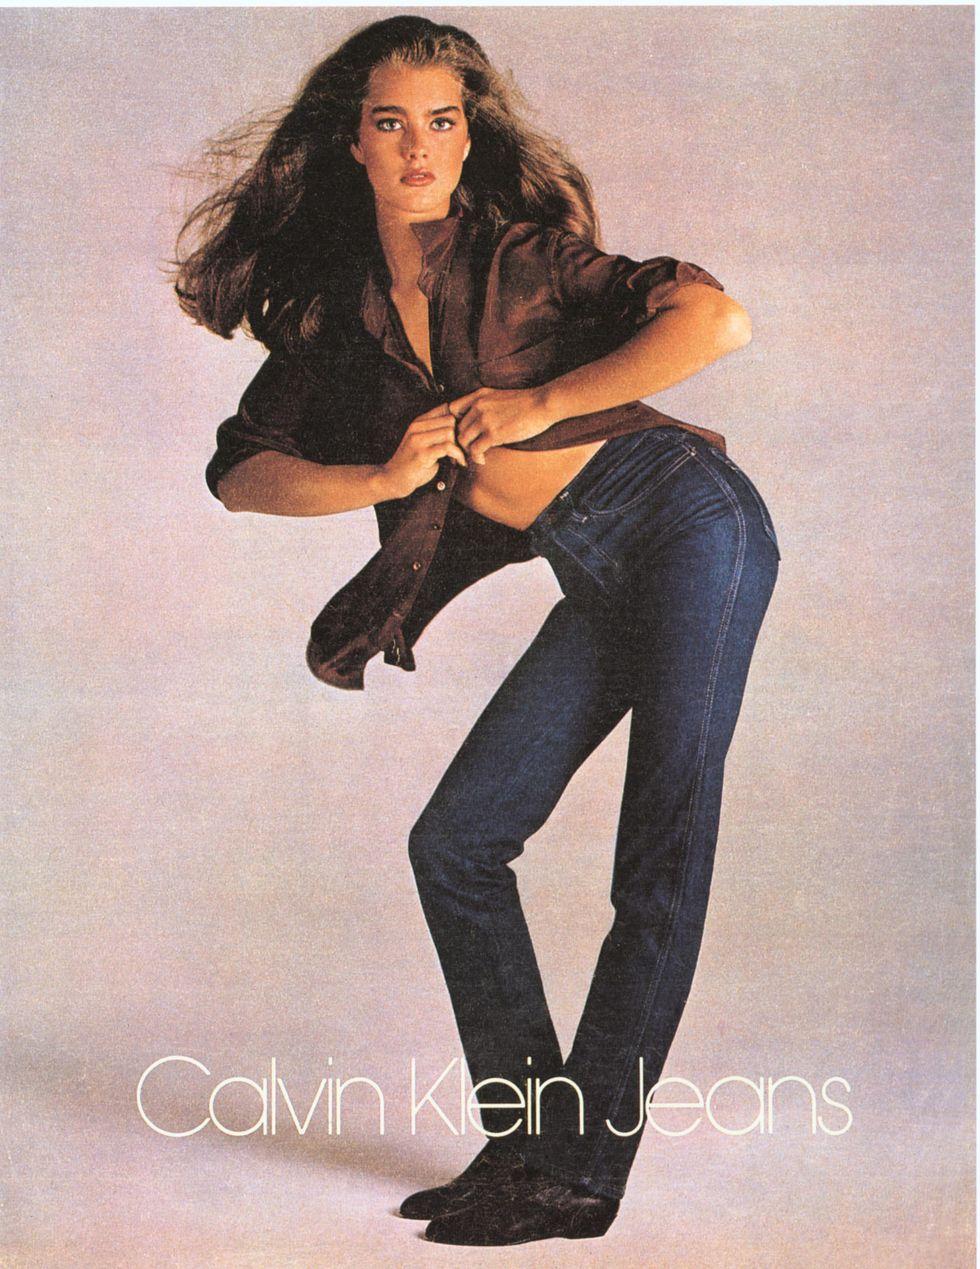 Brooke Shields, 1980 Một cậu bé 15 tuổi Brooke Shields tầm thường đang tạo dáng trong một quảng cáo quần jean của Calvin Klein, được chụp bởi nhiếp ảnh gia Richard Avedon. Chiến dịch đã đưa Brooke lên bản đồ.